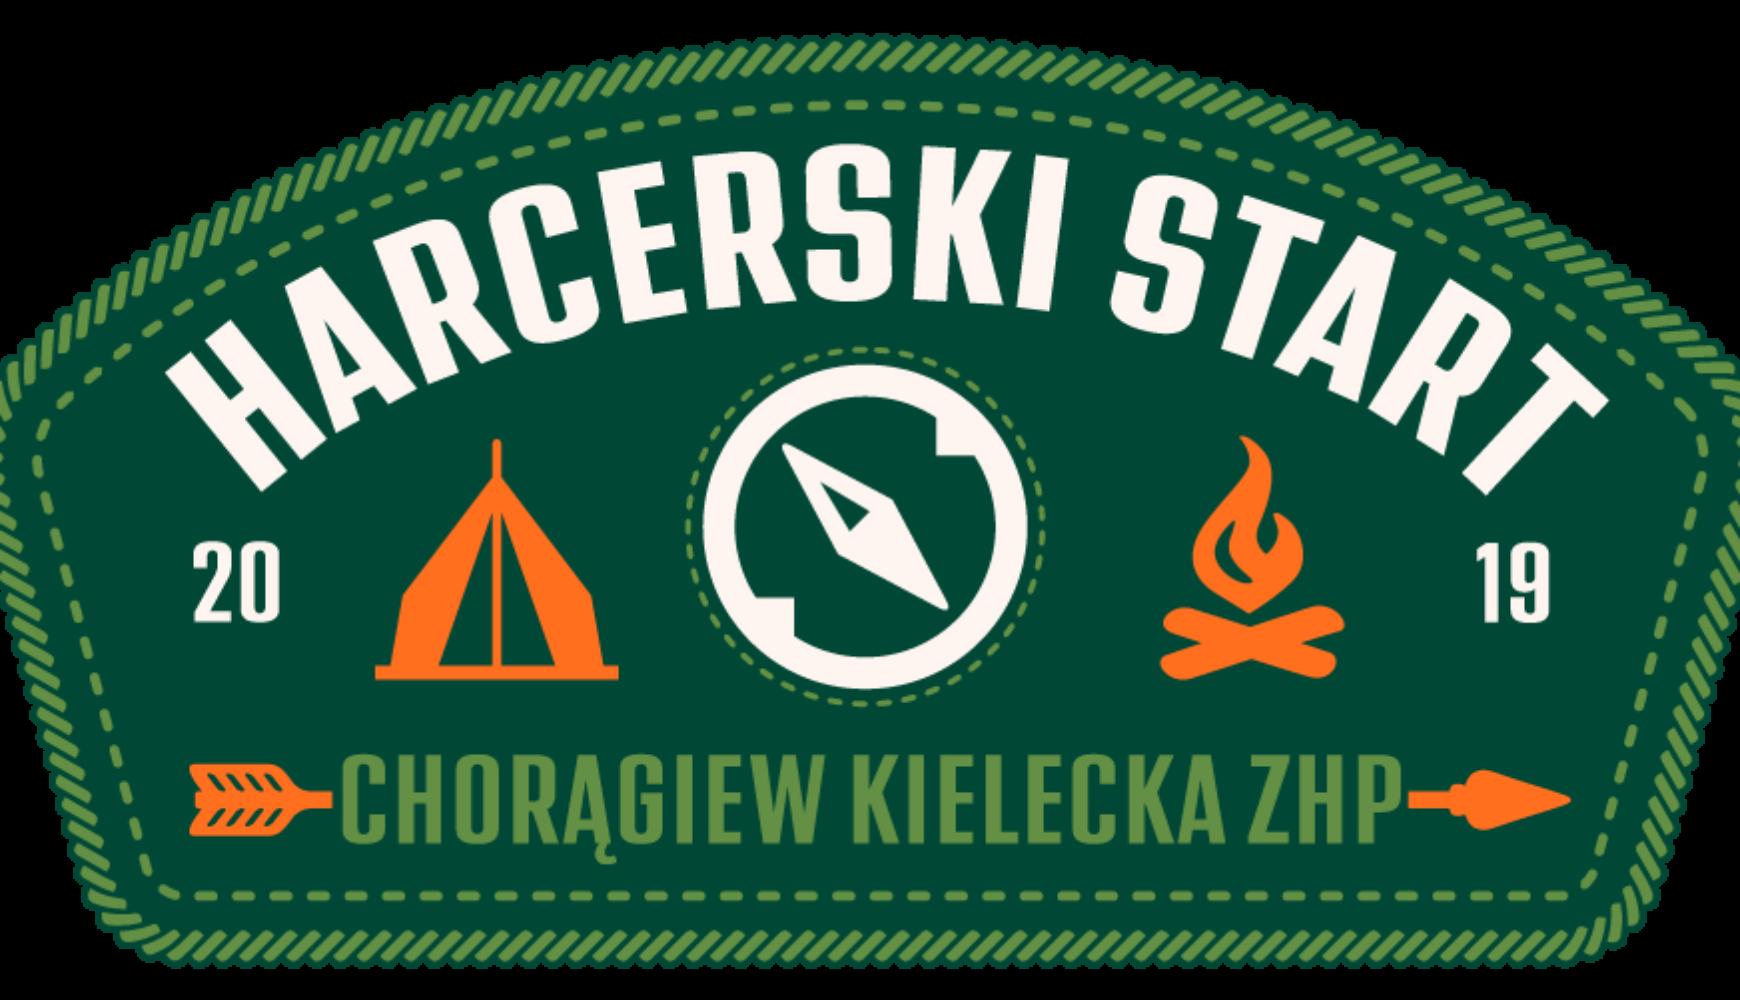 Harcerski Start 2019